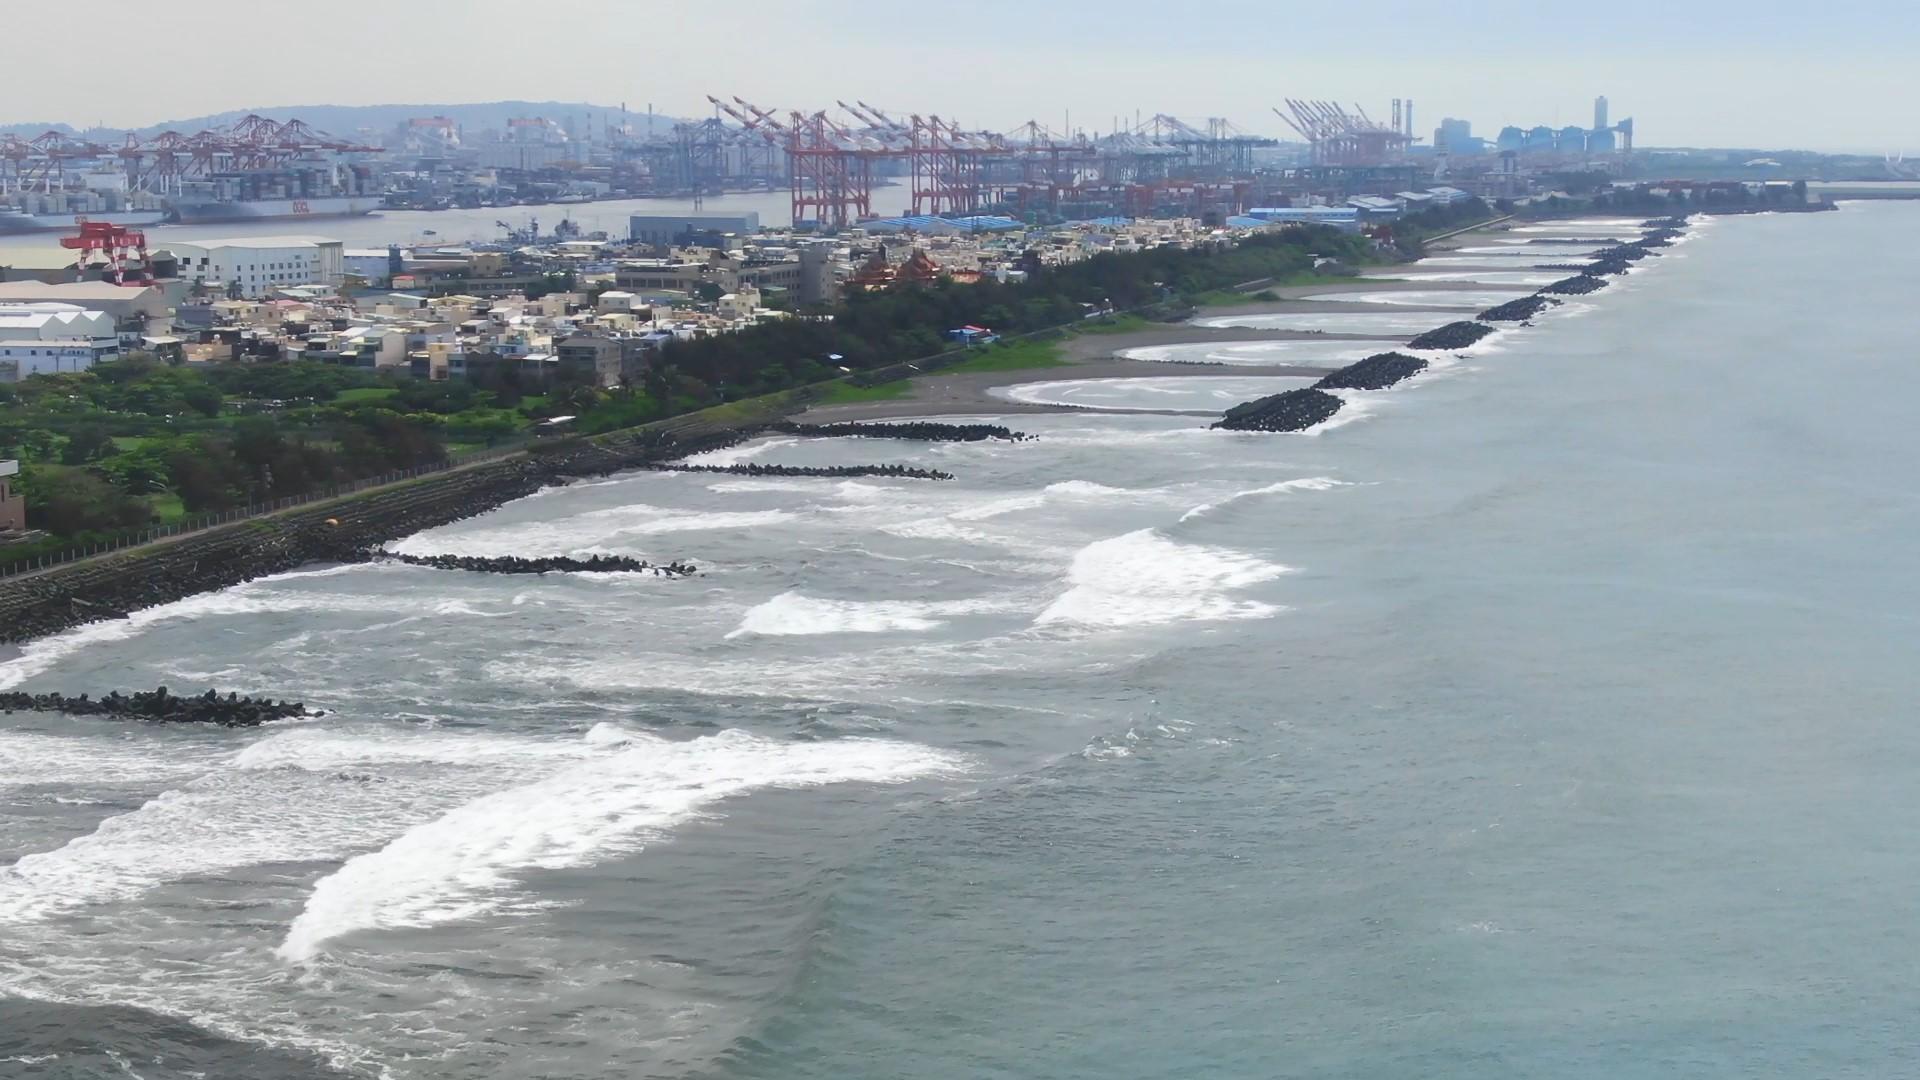 高雄港:第二港口護岸工程:為防止潮水侵蝕中洲,興建護岸工程